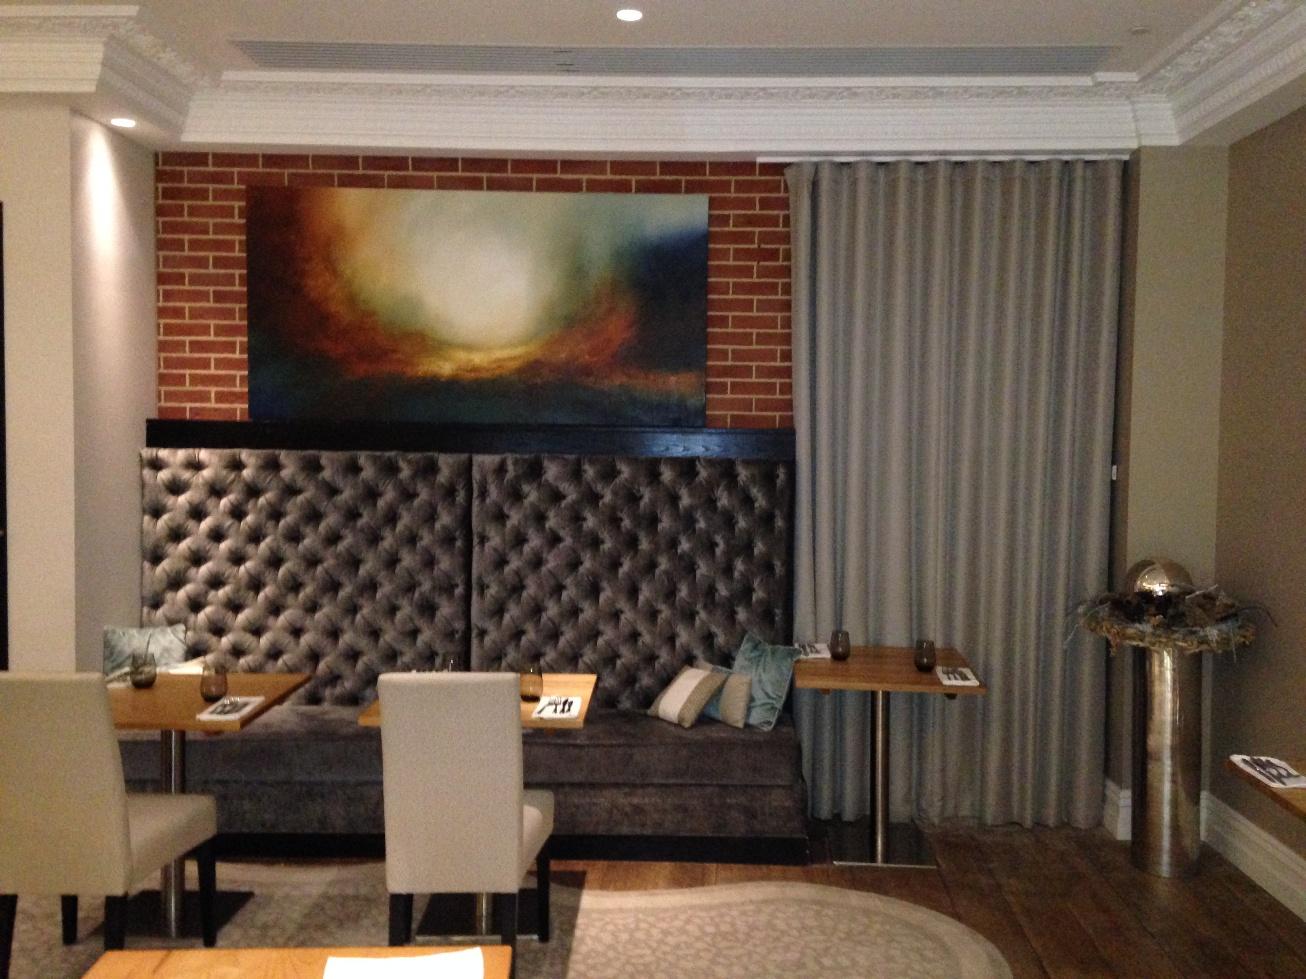 Sands Hotel knockthrough